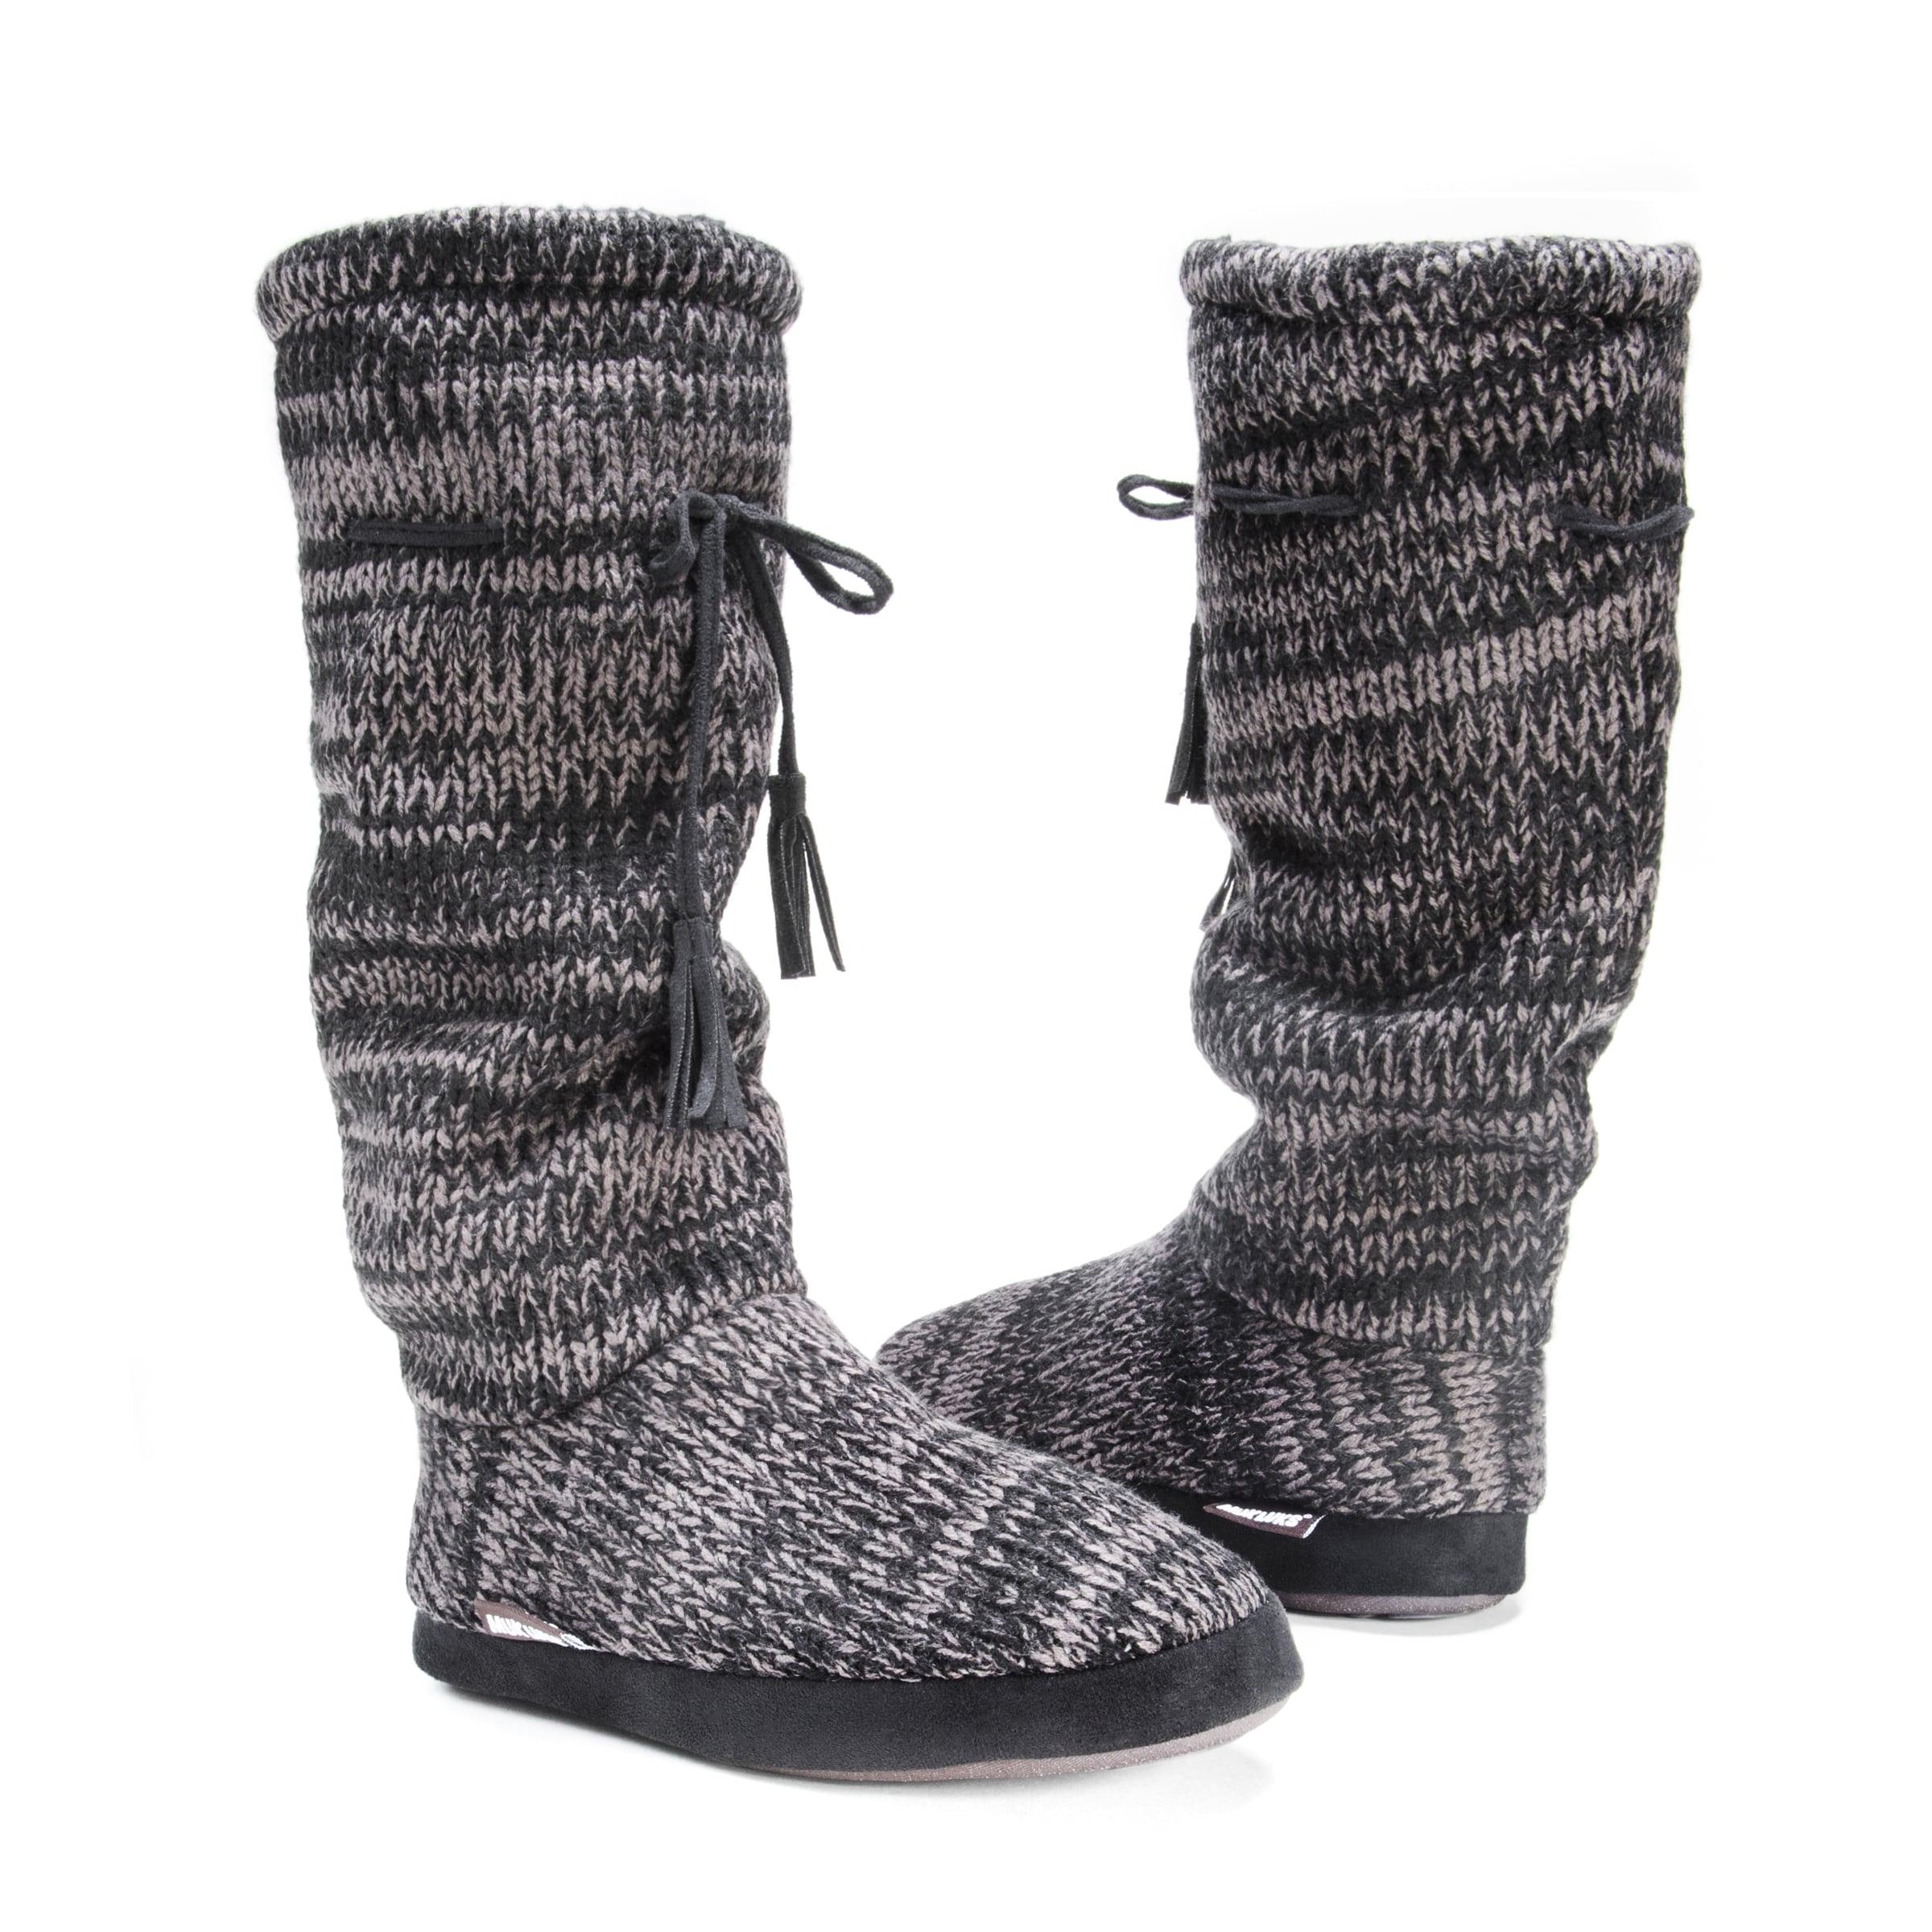 MUK LUKS® Angela Slipper Socks - Single Pair F4SW9